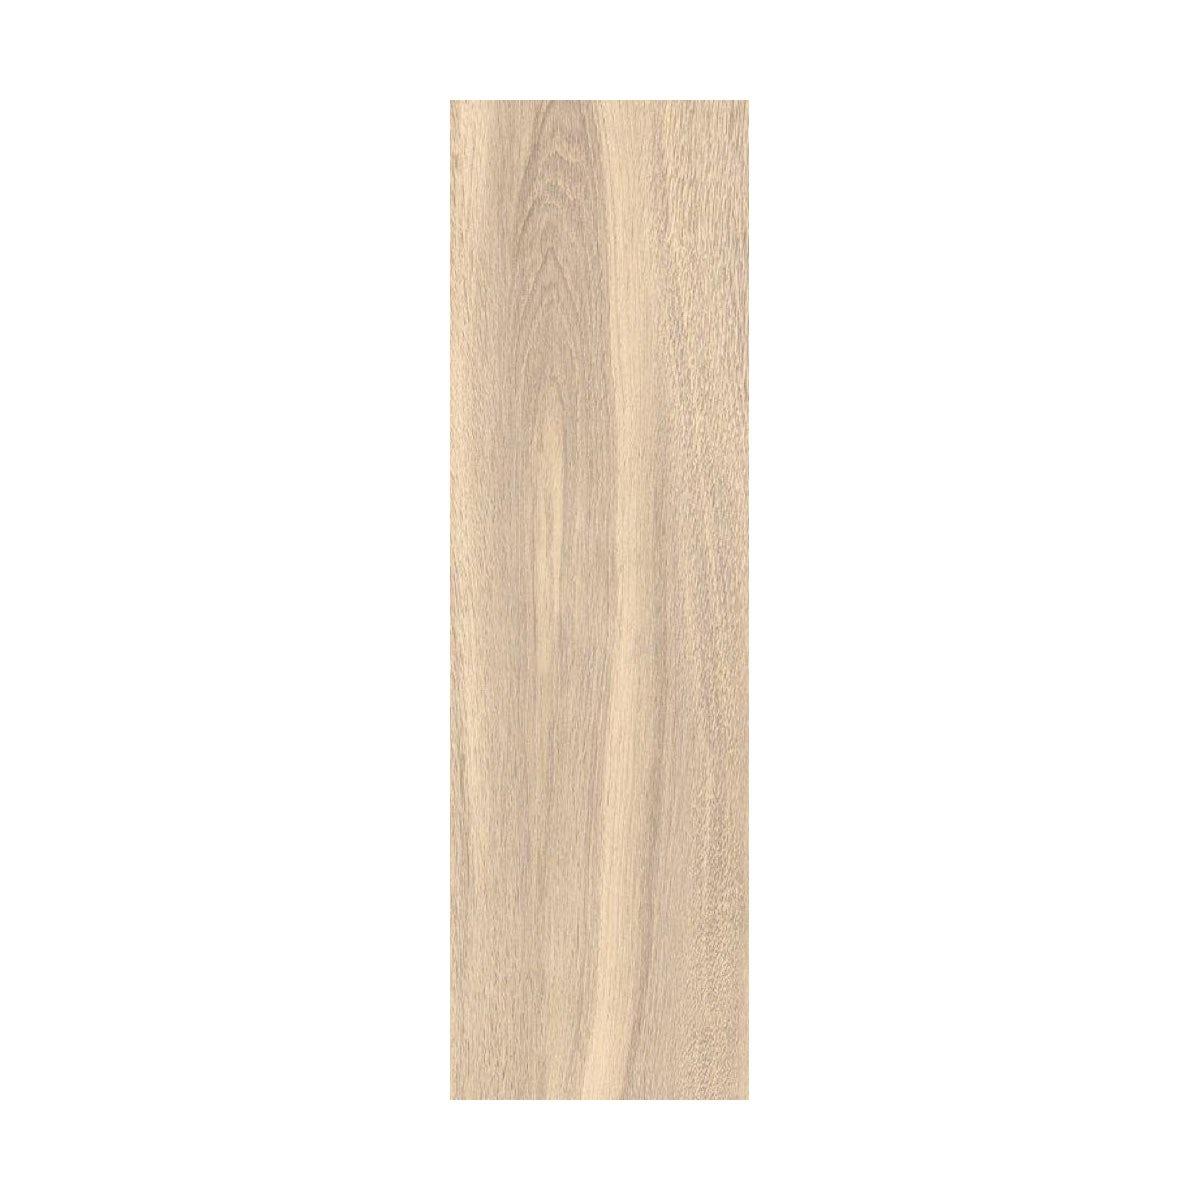 Bark Natural Wood Effect Tile 148mm X 498mm Victoriaplum Com